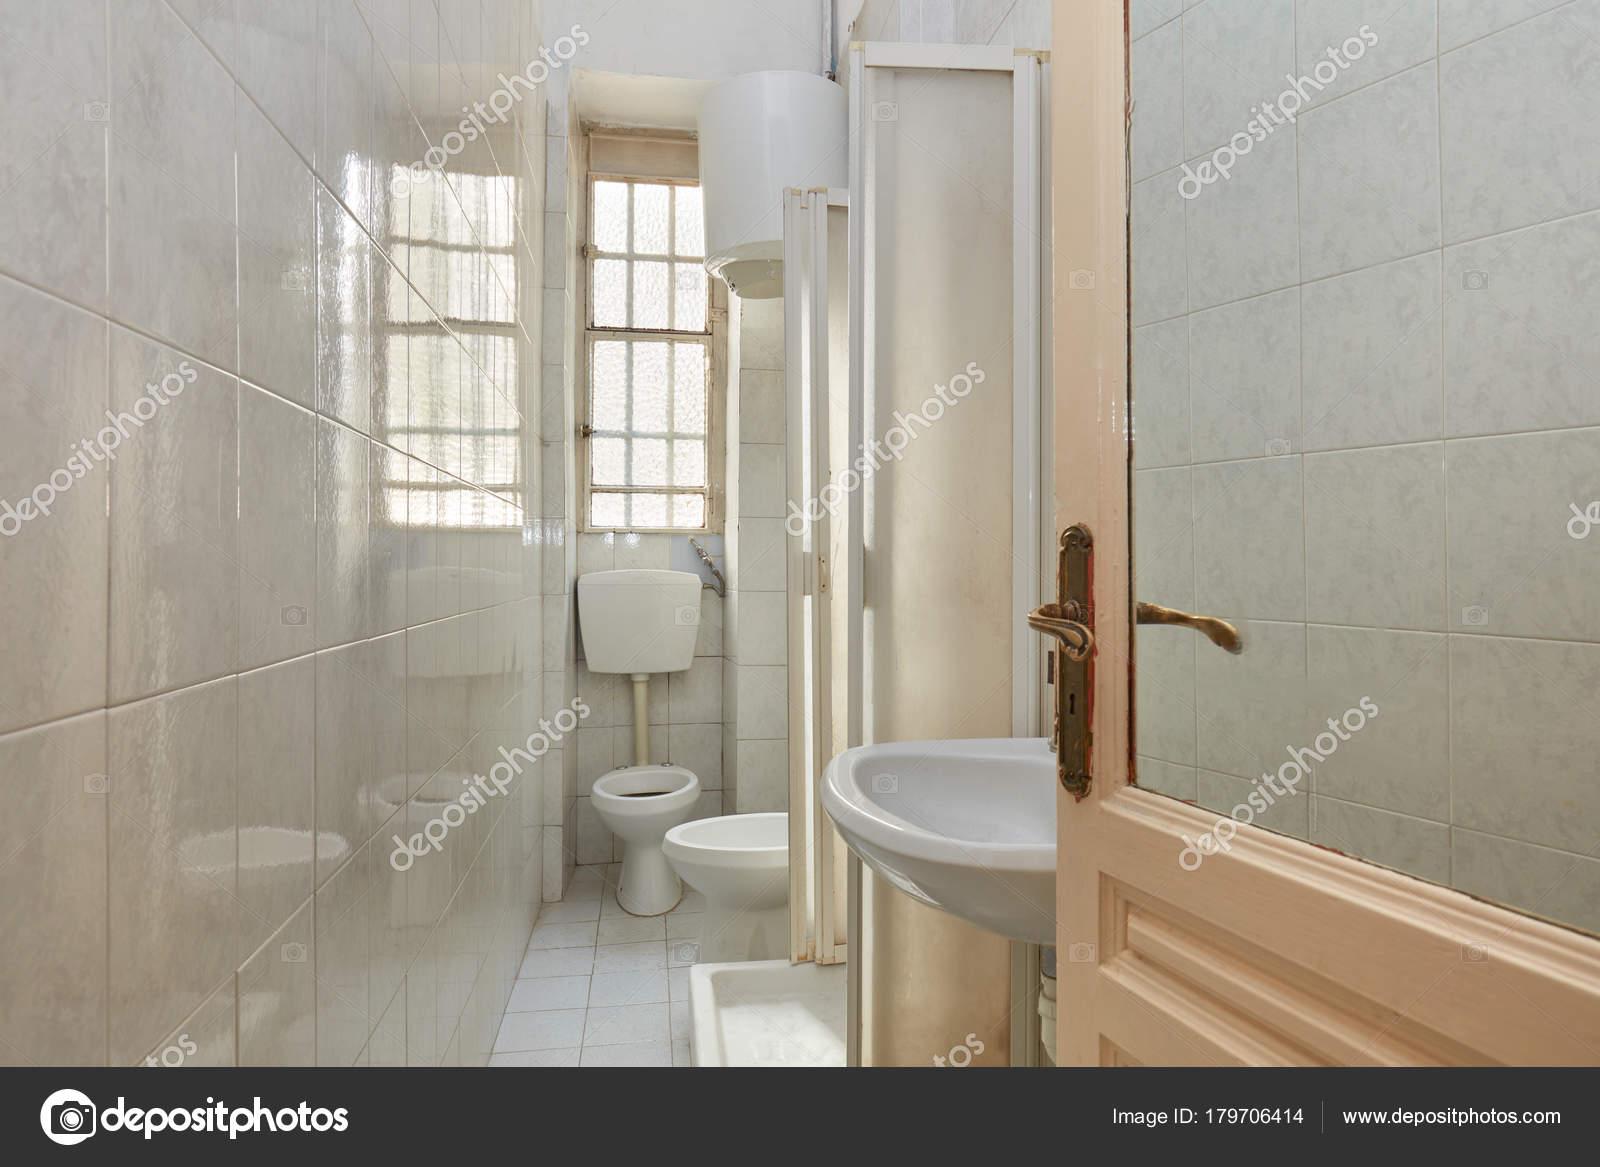 Piastrelle Da Parete Bagno : Vecchia stretta interiore della stanza bagno con pavimento